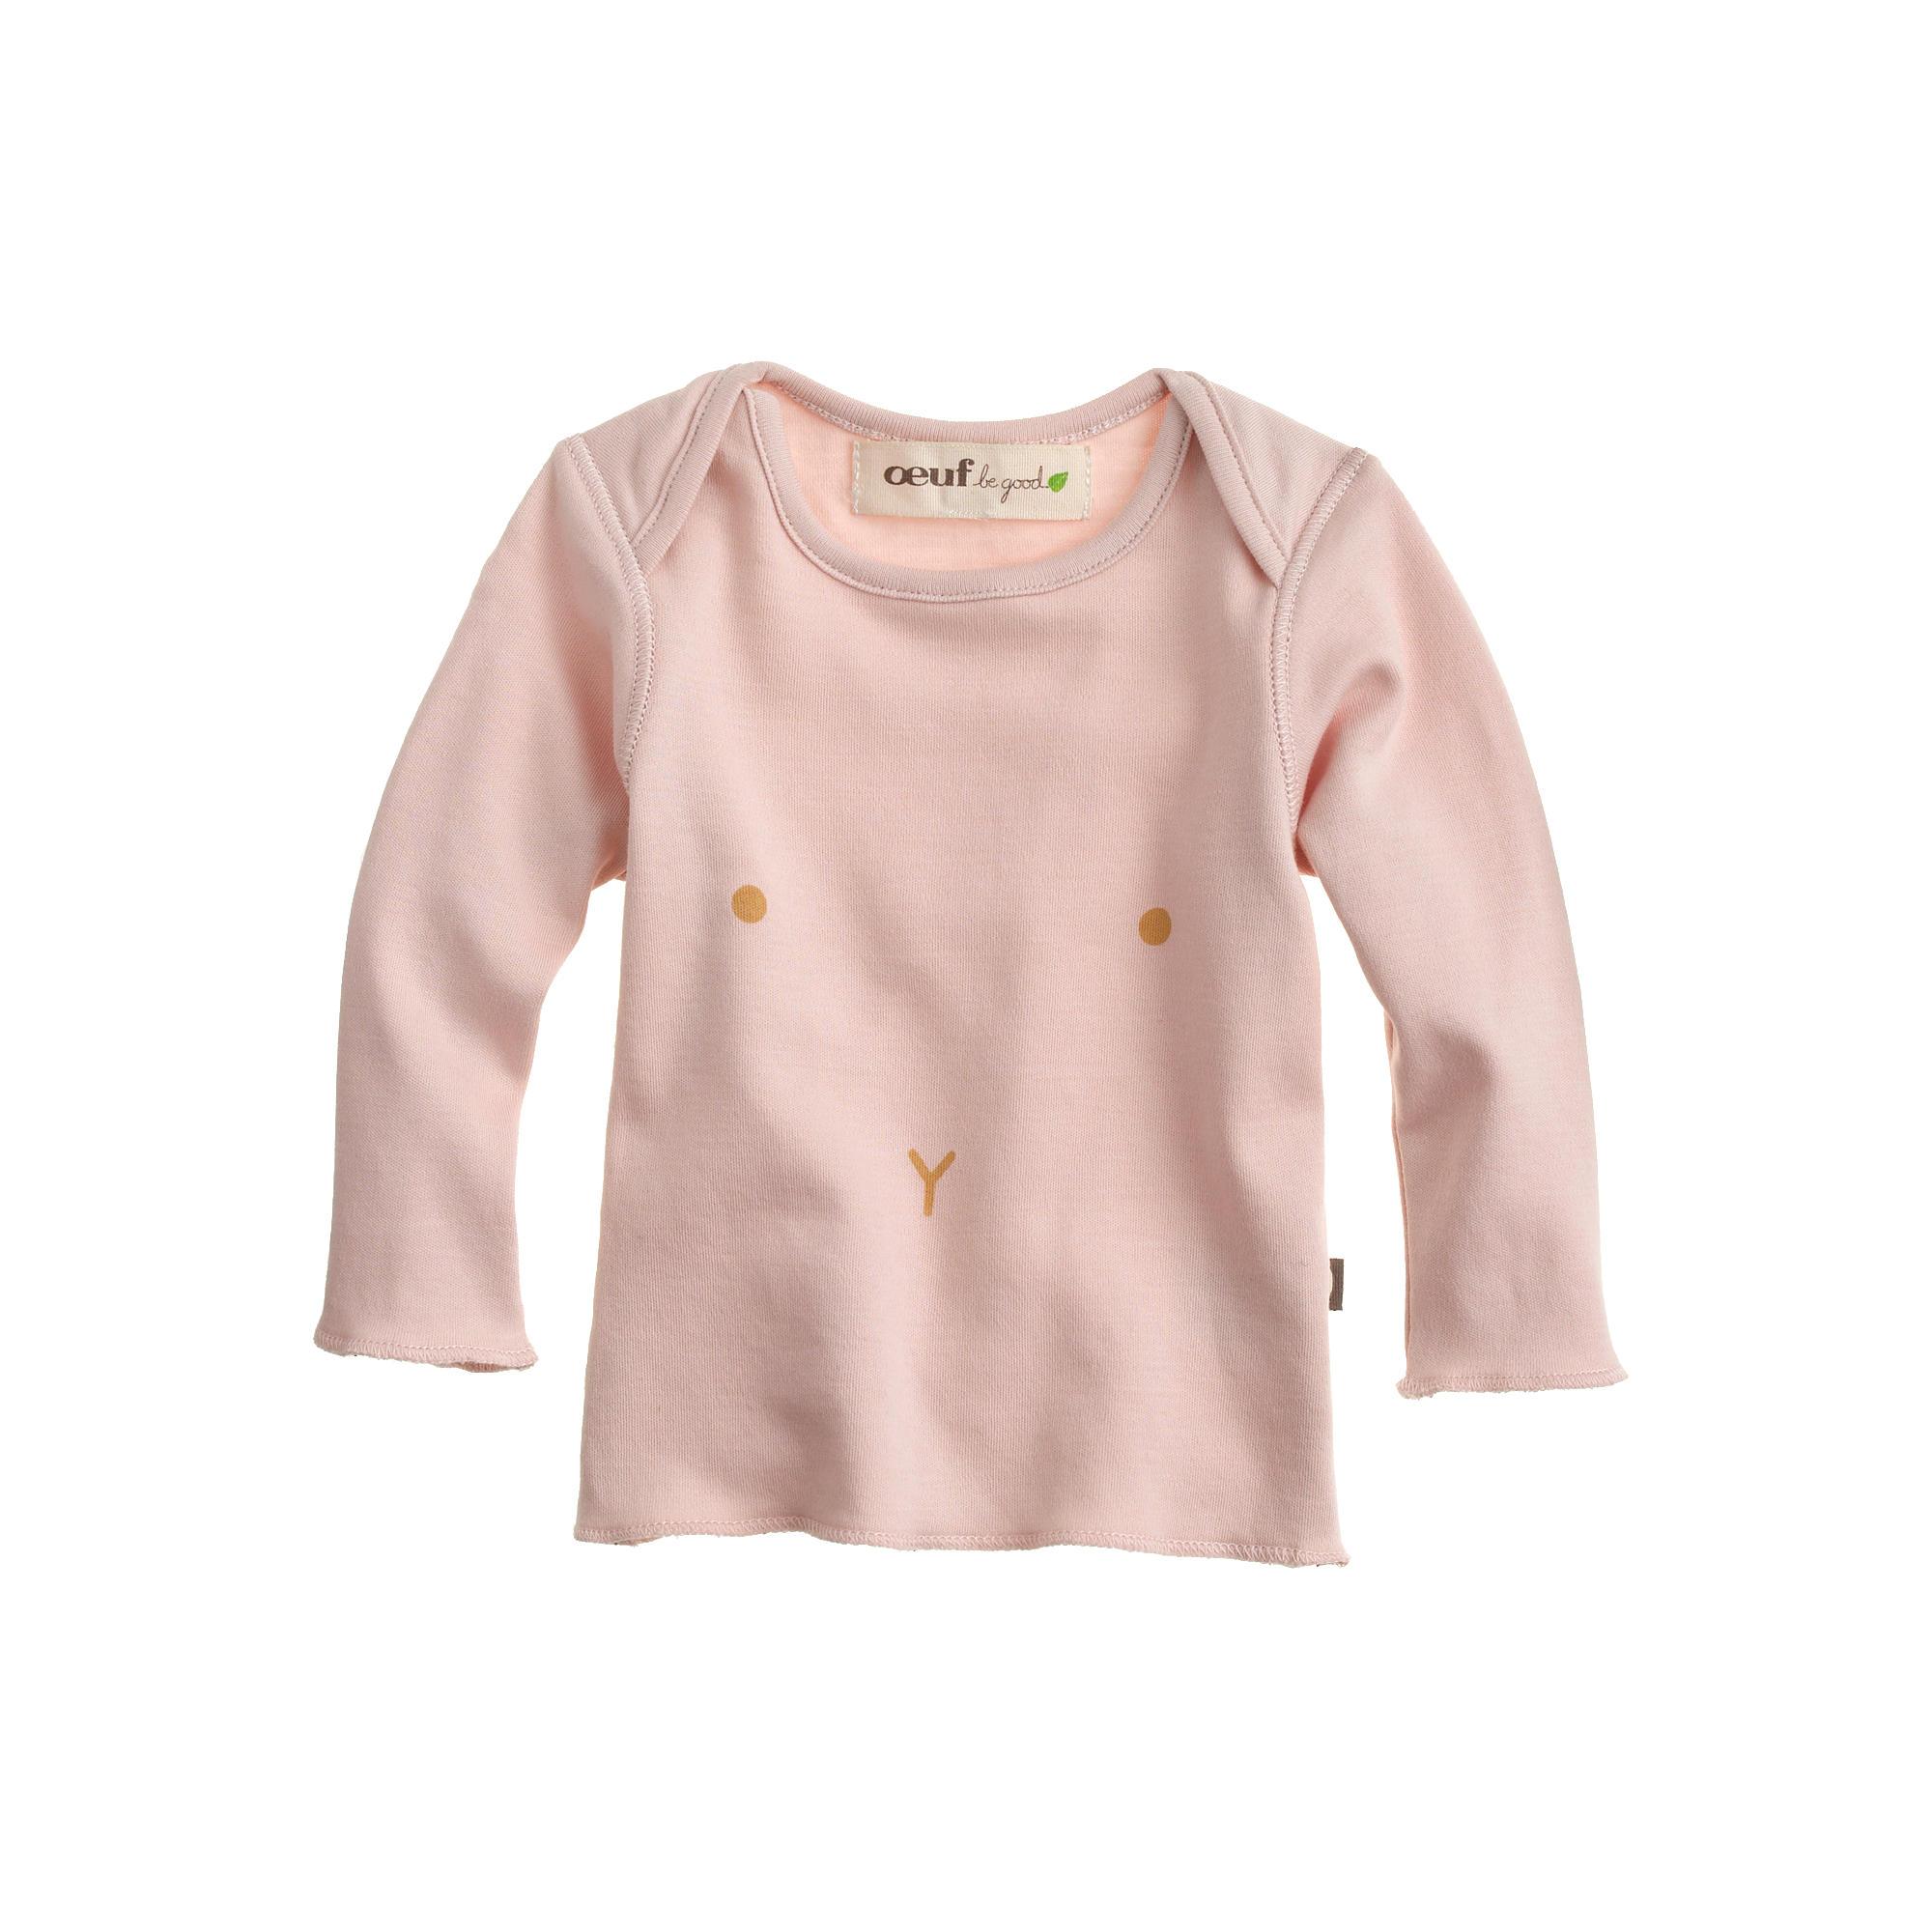 Baby Oeuf long sleeve bunny tee